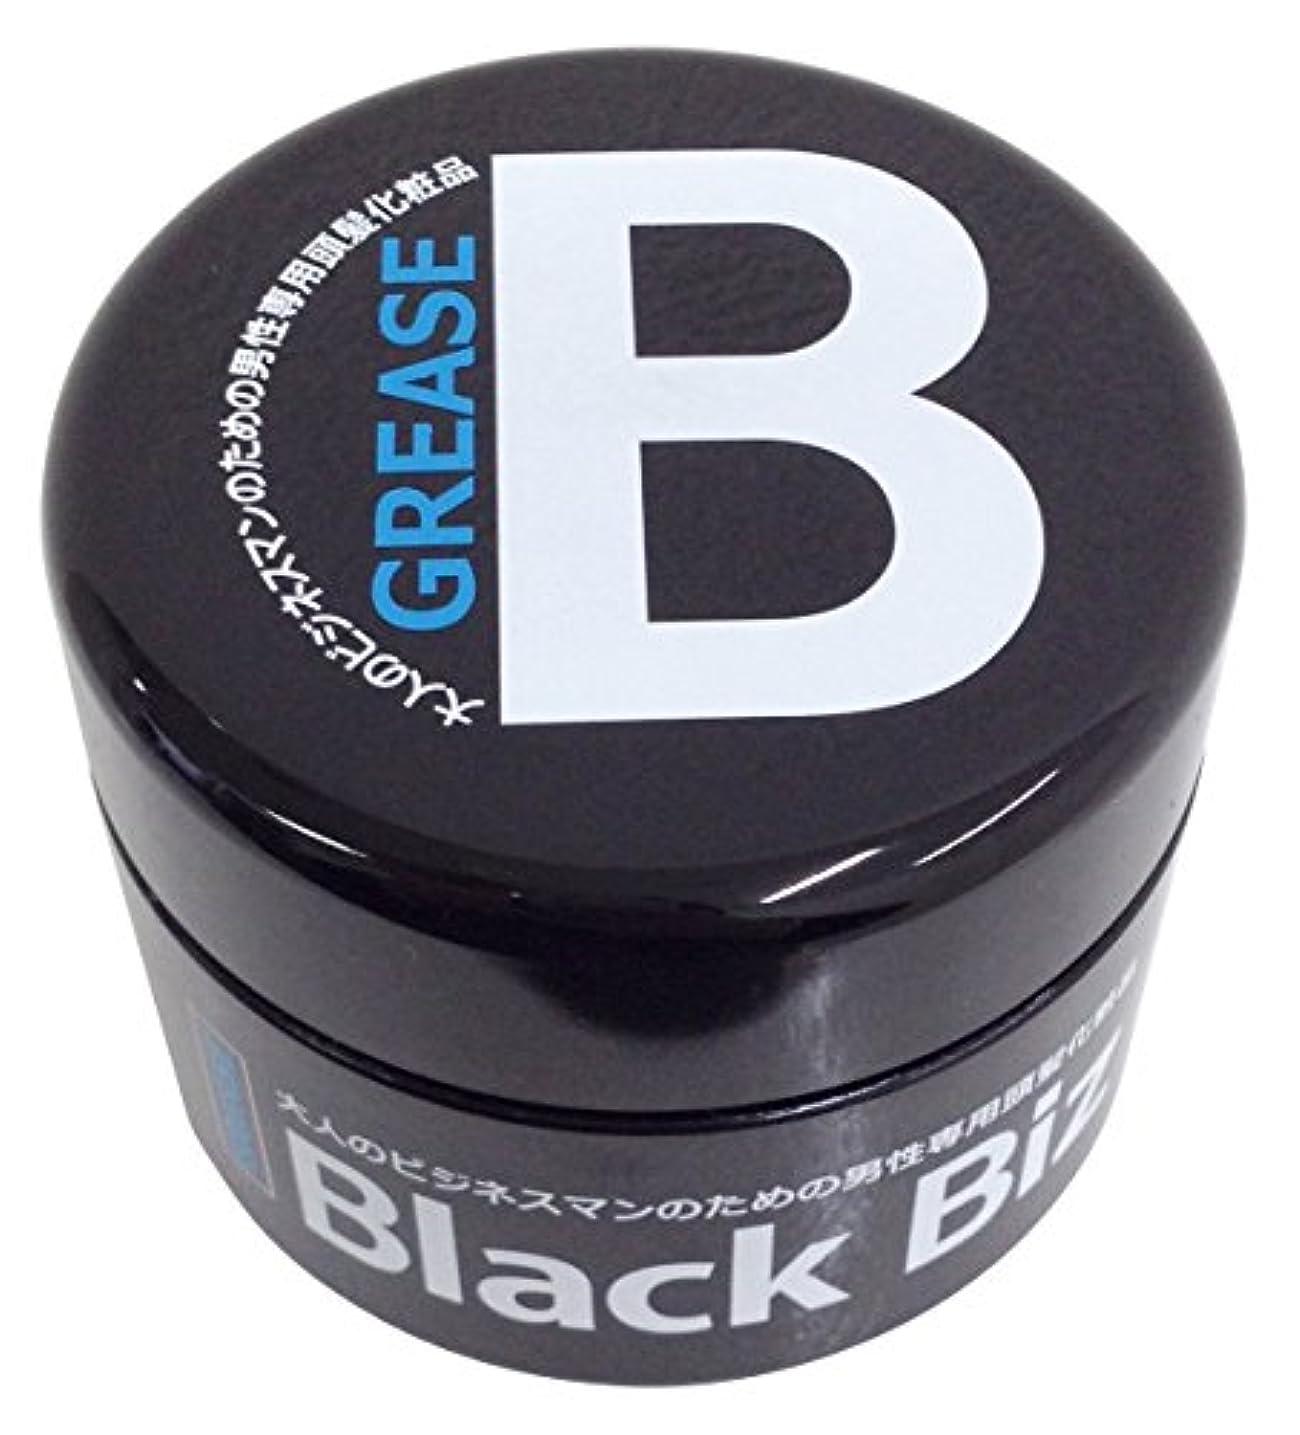 ブラザー砦灰大人のビジネスマンのための男性専用頭髪化粧品 BlackBiz GREASE SOFT ブラックビズ グリース ソフト